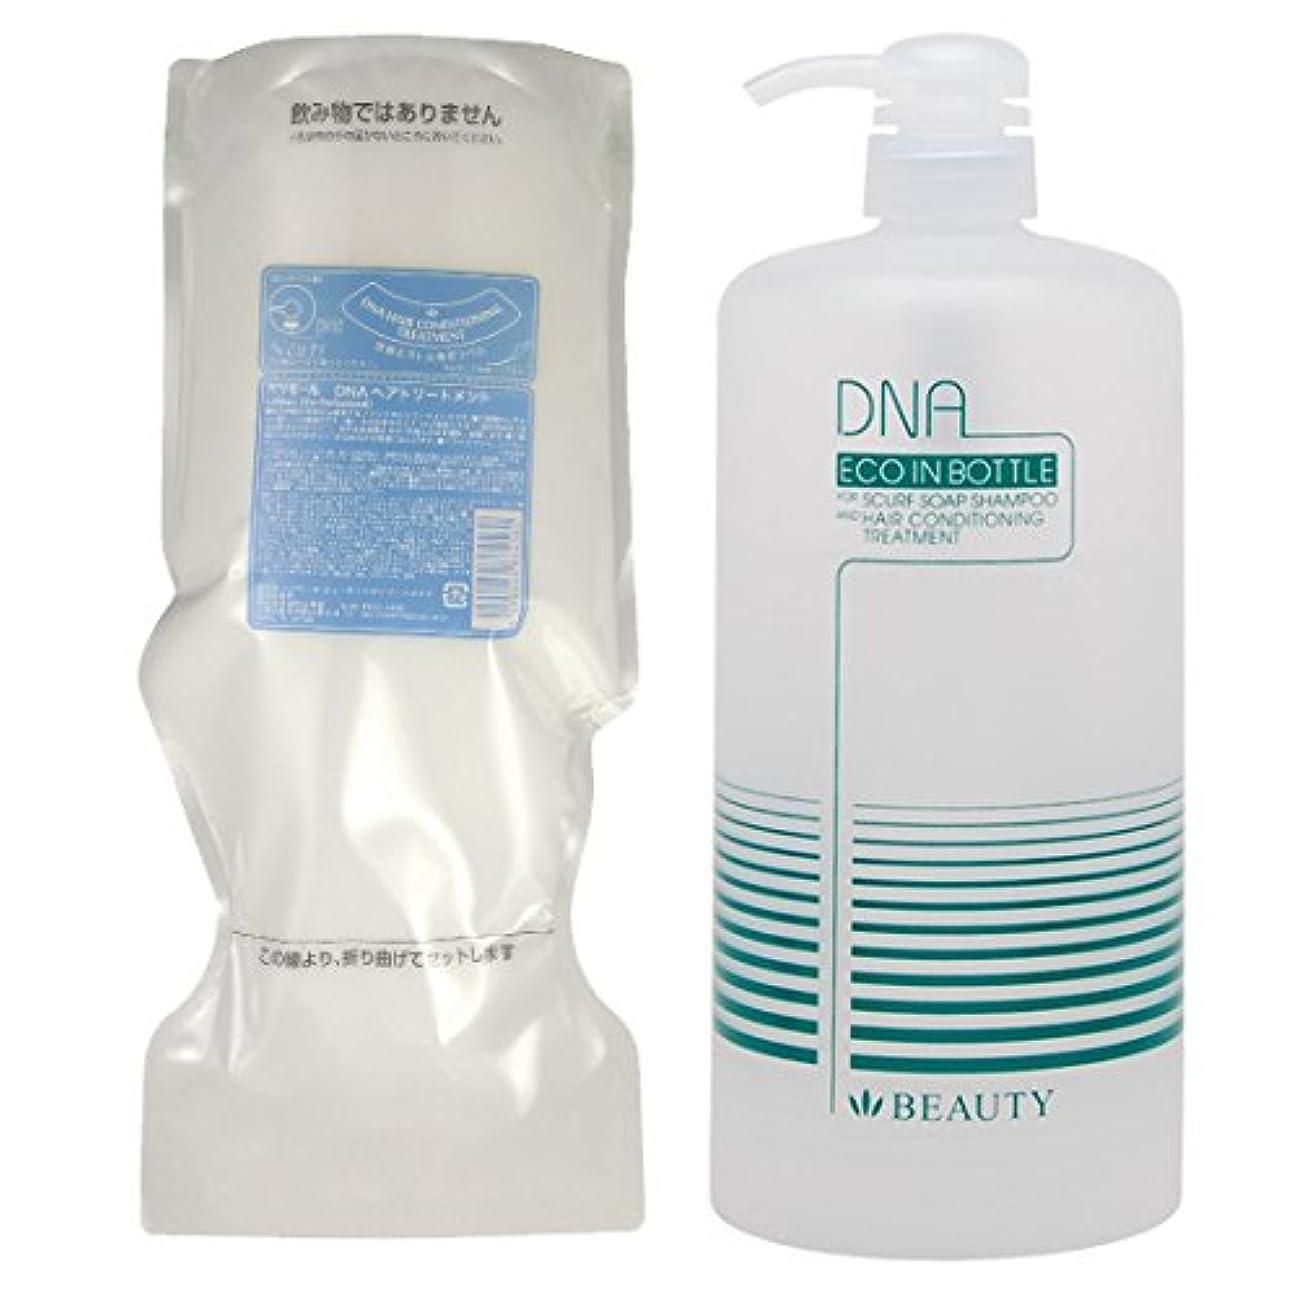 誠実満足できる同様のハツモール DNA ビューティ ヘアトリートメント 1000g 詰め替え + 専用空容器 セット